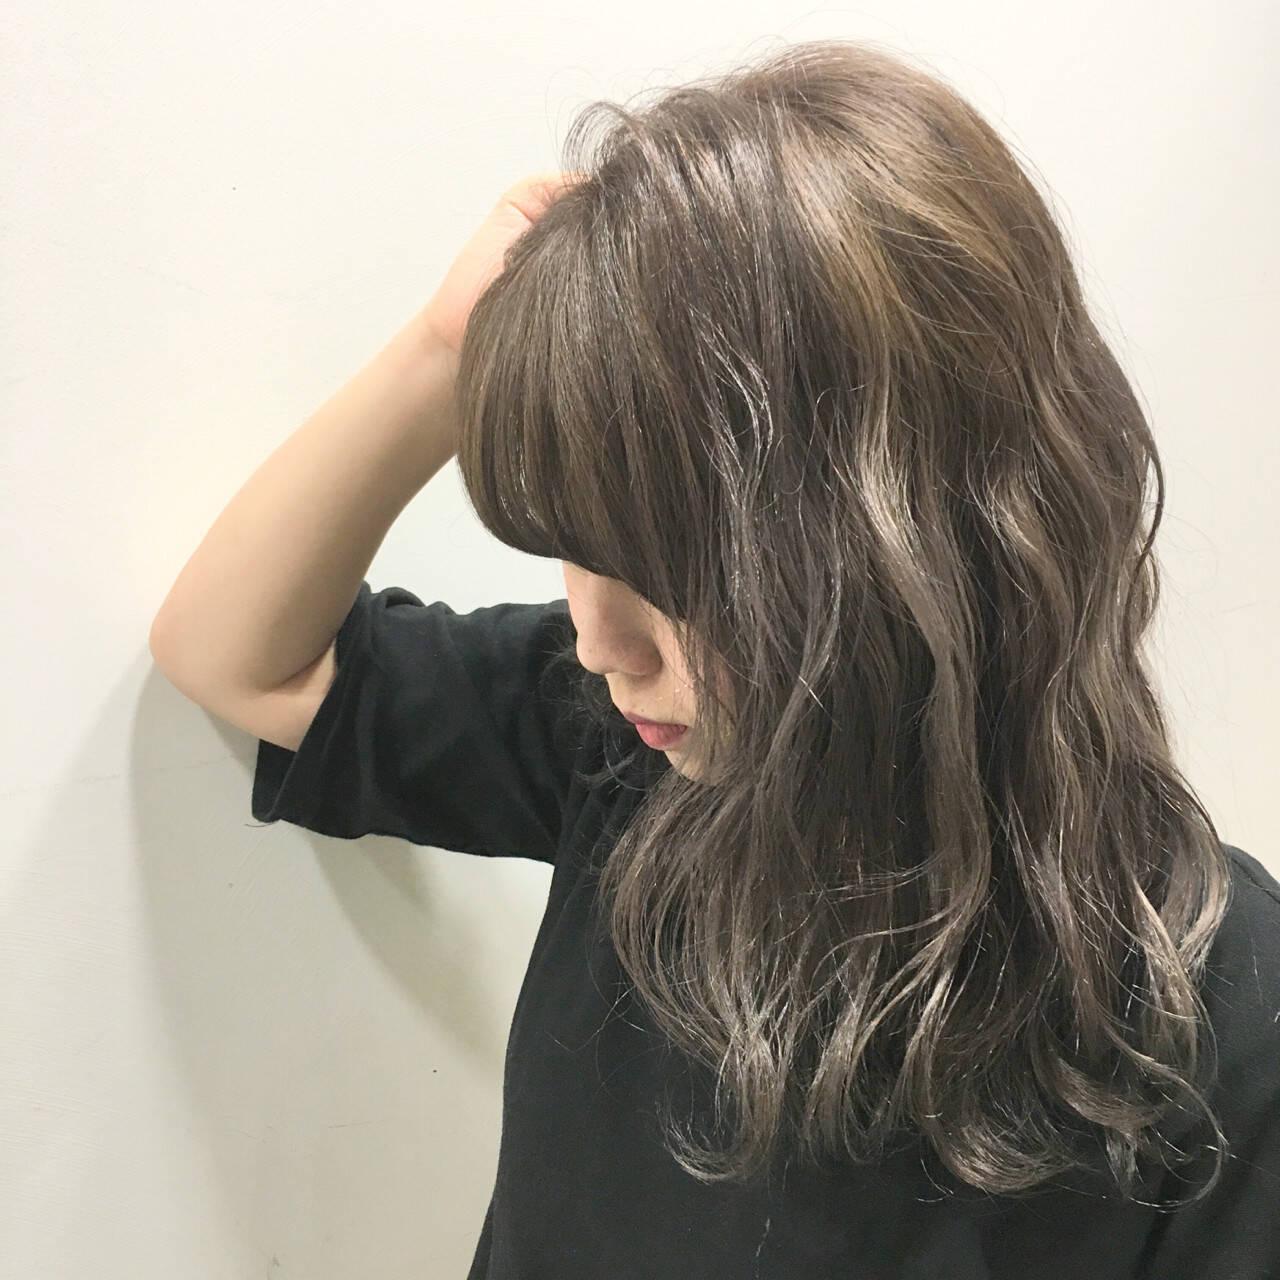 ウェットヘア グラデーションカラー ミディアム 波ウェーブヘアスタイルや髪型の写真・画像